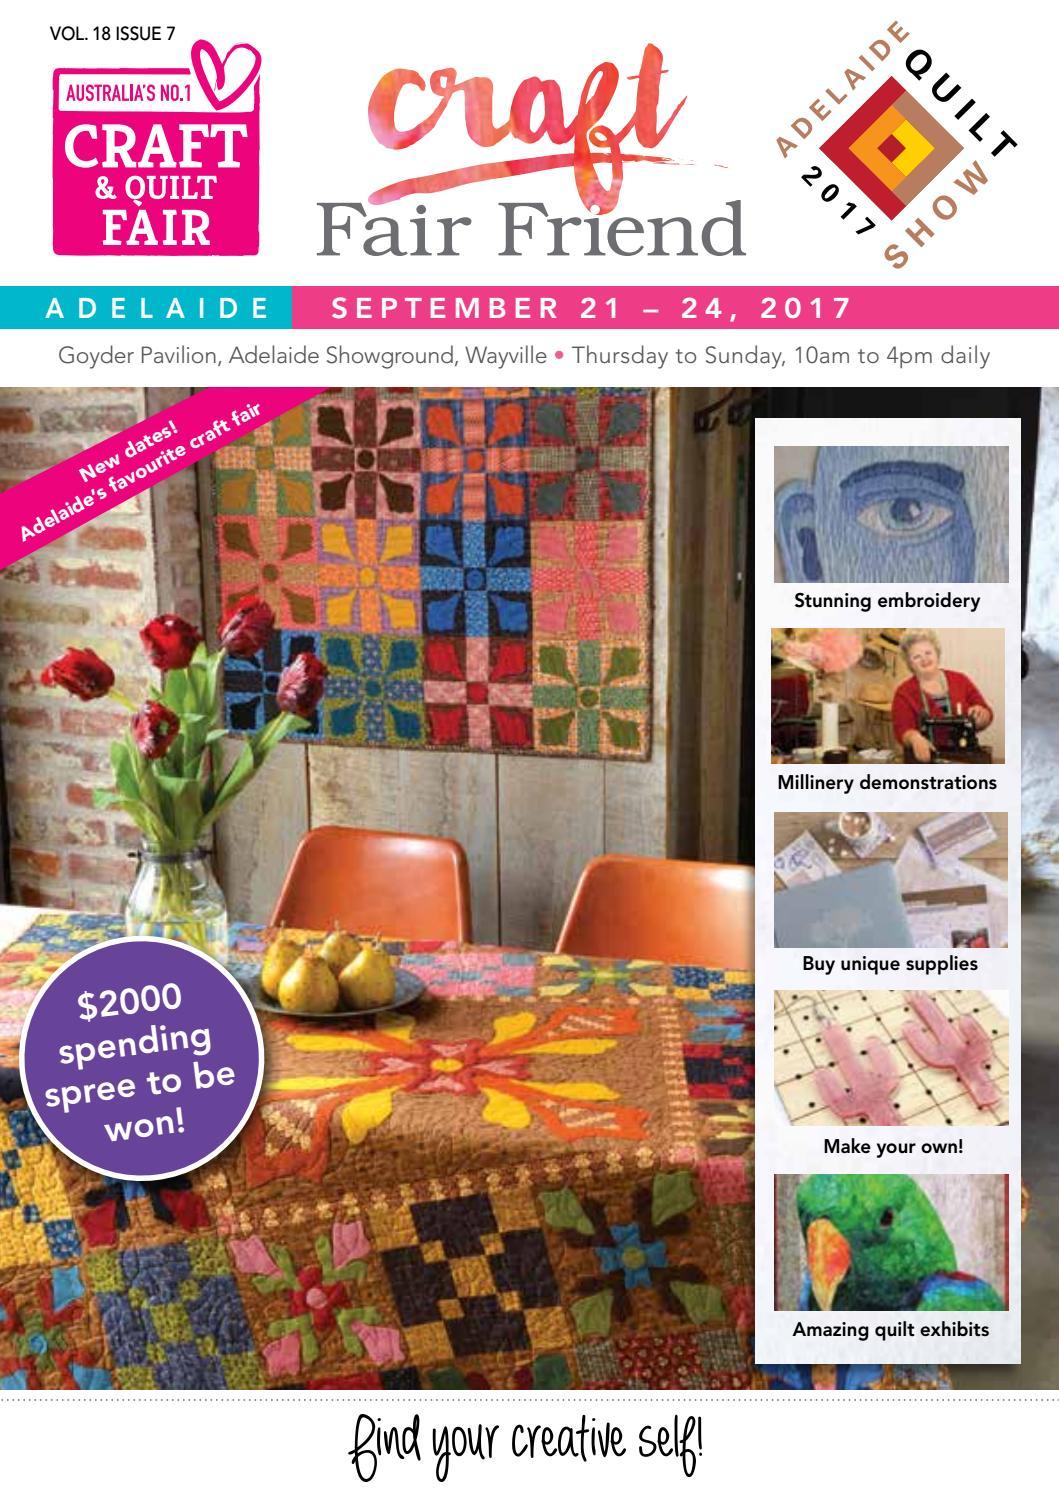 Adelaide craft fair friend 2017